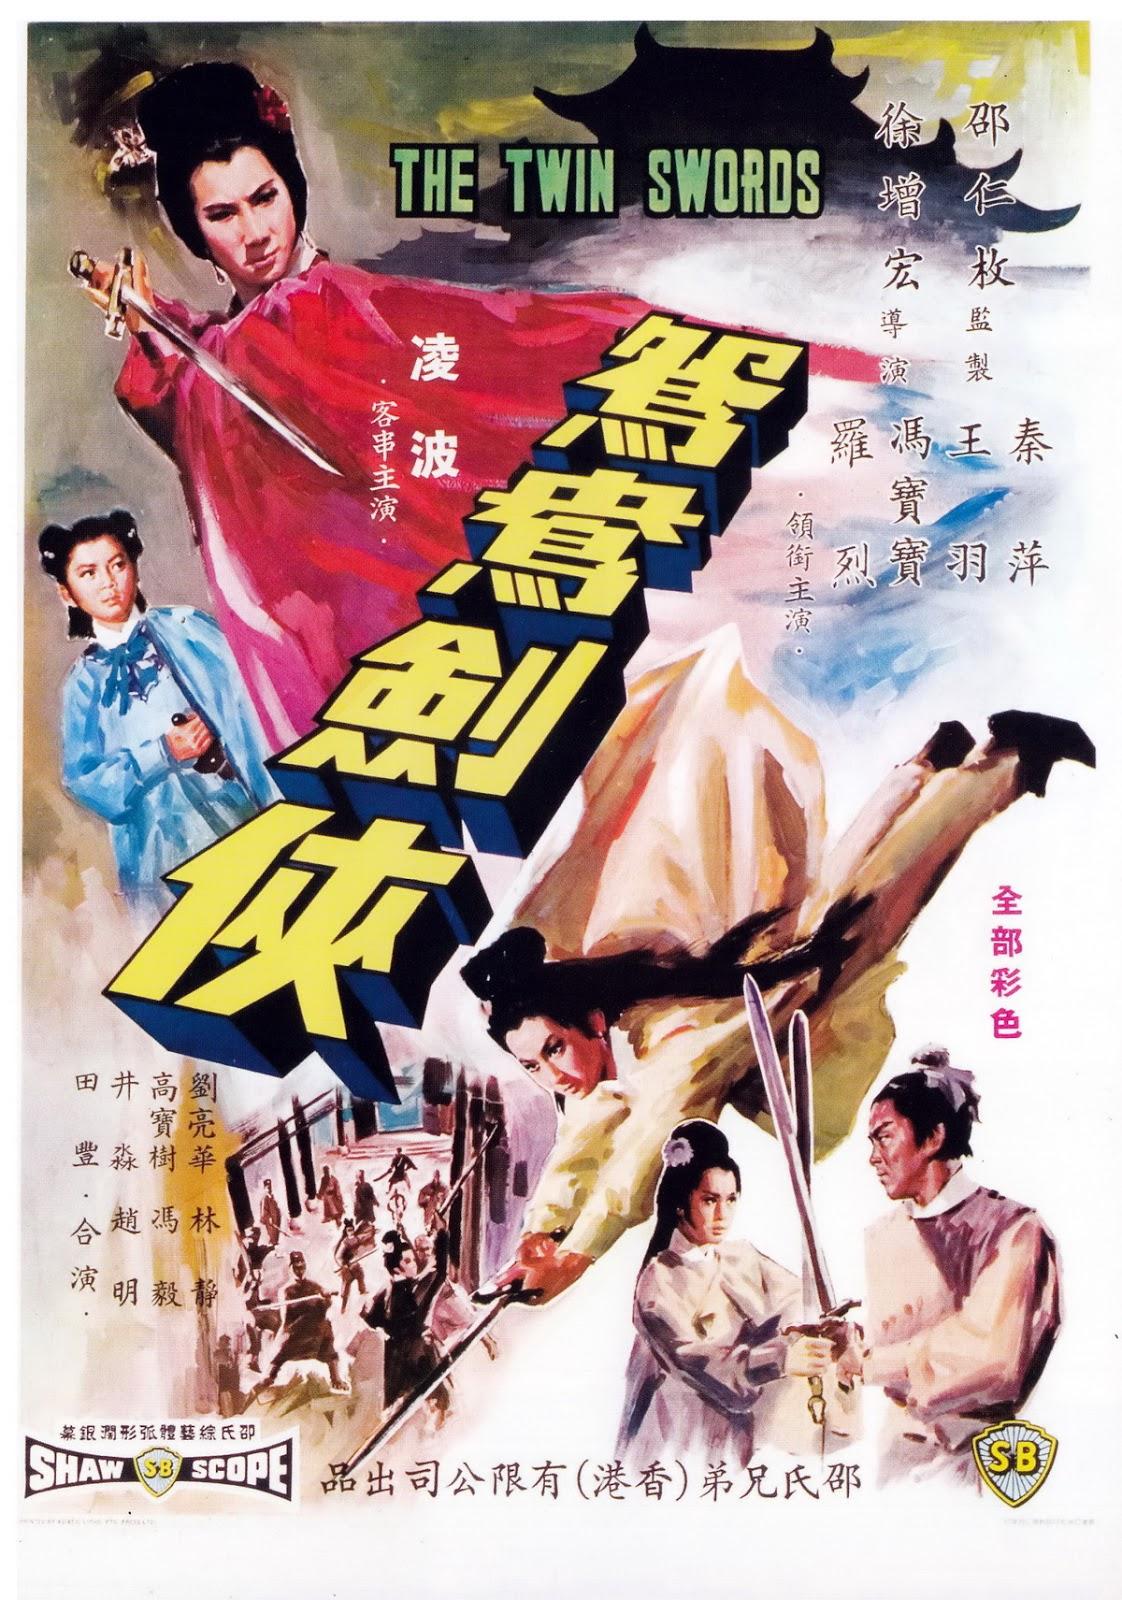 the_twin_swords_yuan_yang_jian_xia_1965.JPG